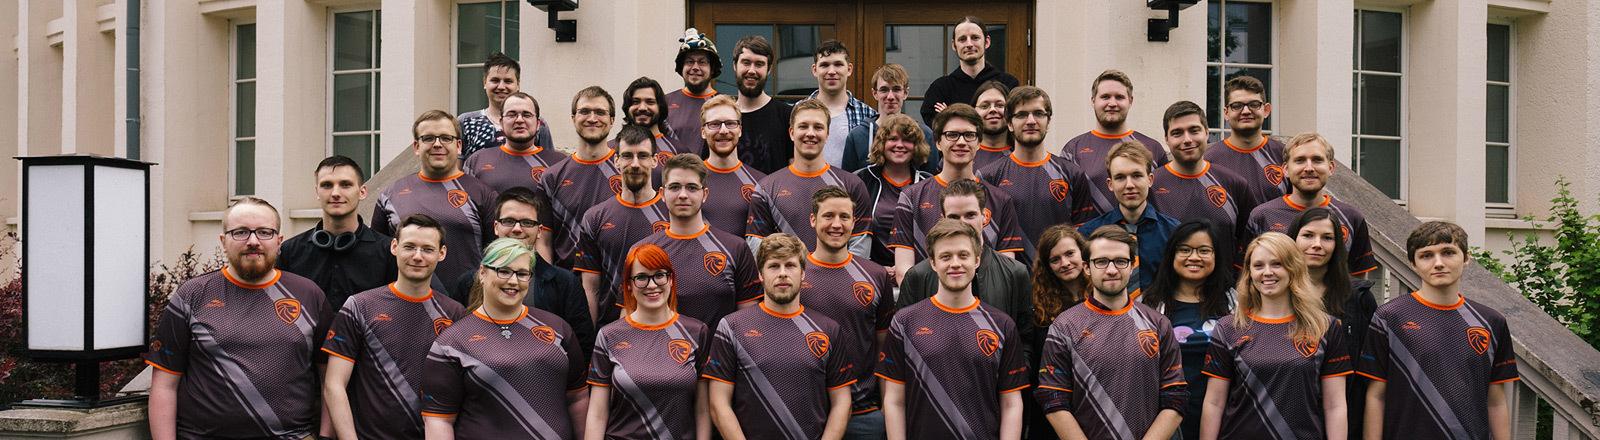 Gruppenfoto der Vereinsmitglieder des Vereins Leipzig eSports.